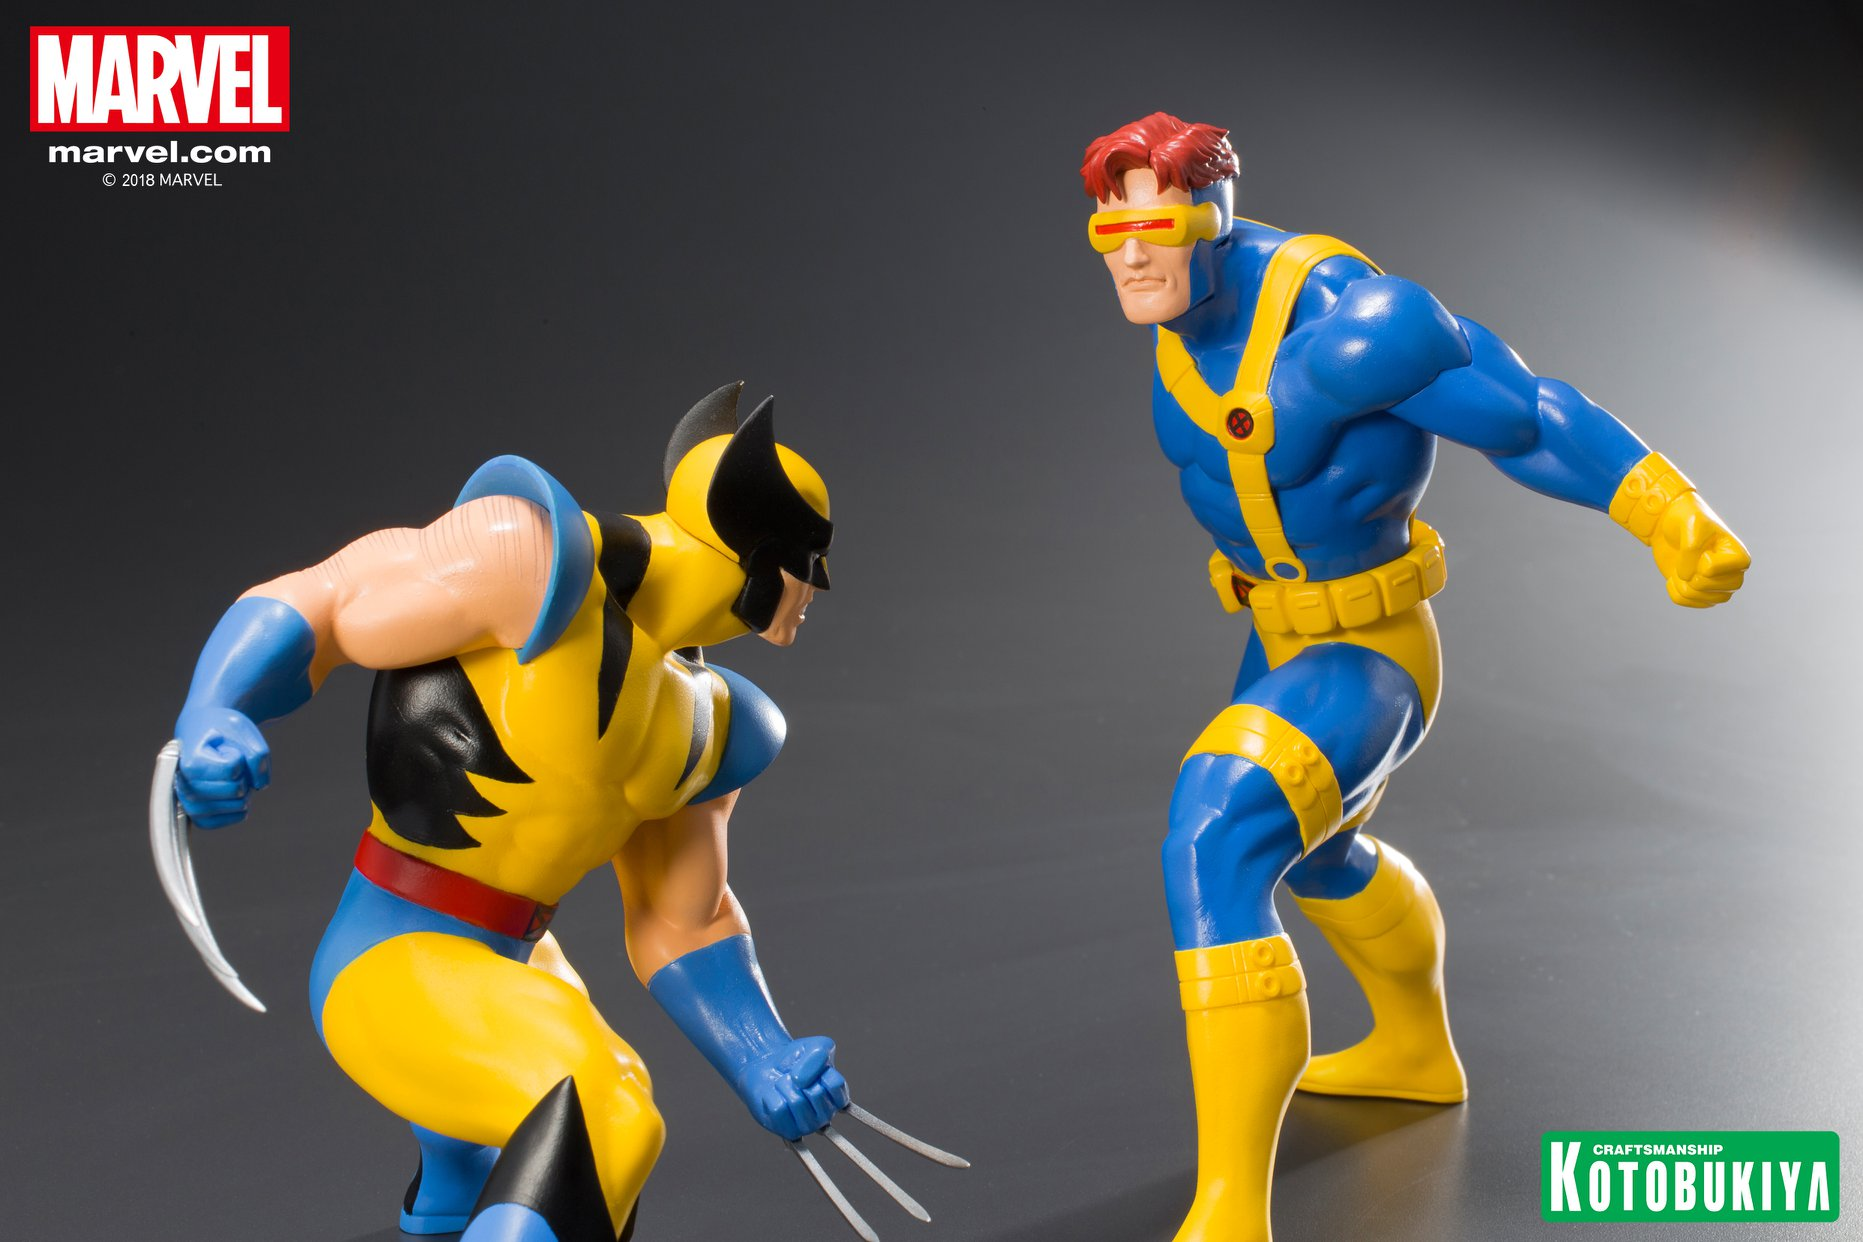 Statue Kotobukiya Marvel X-Men Beast ArtFX